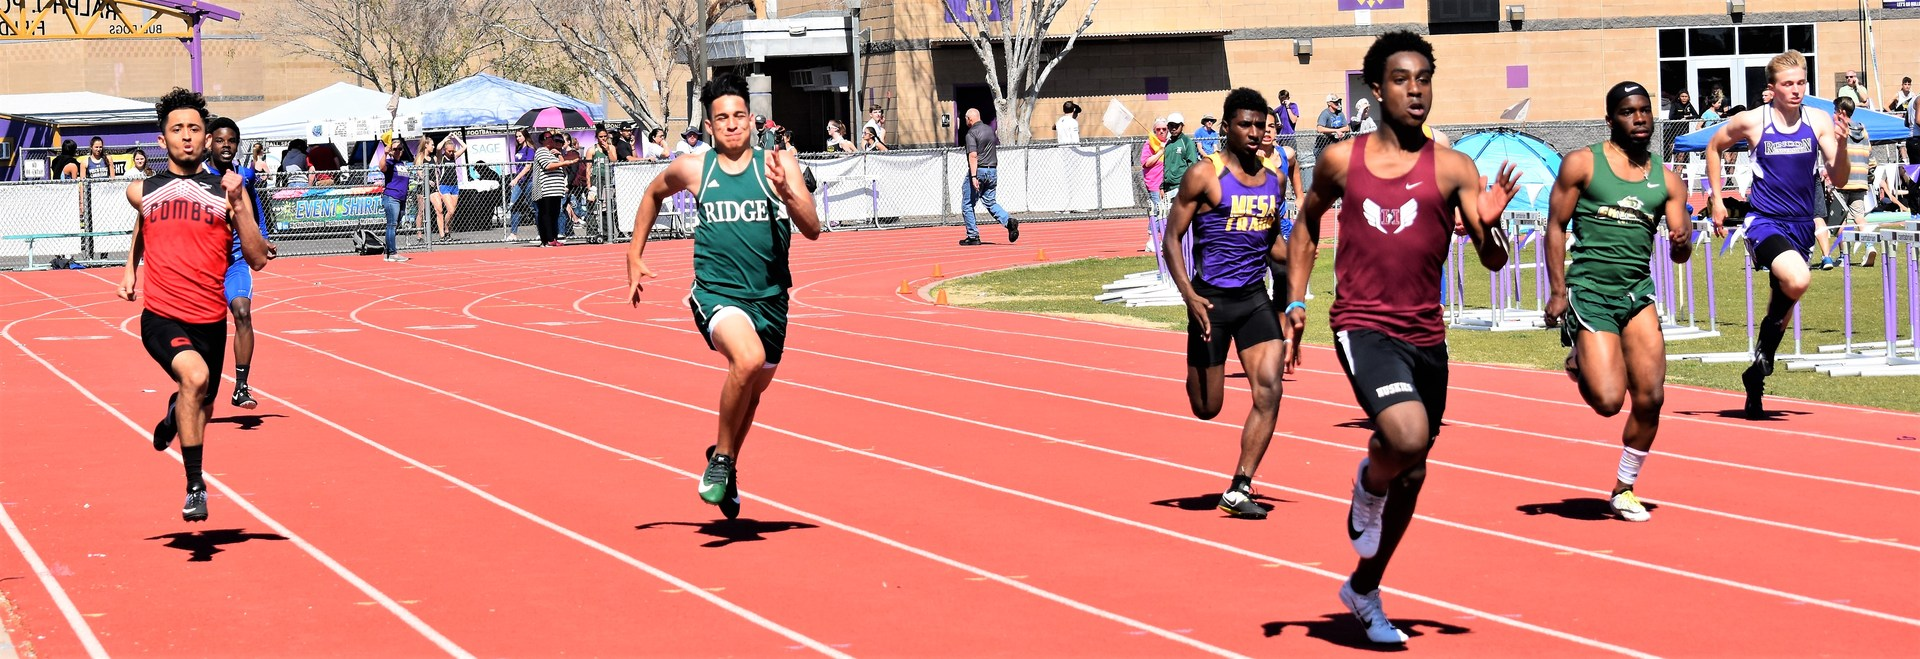 Boys sprint relay race